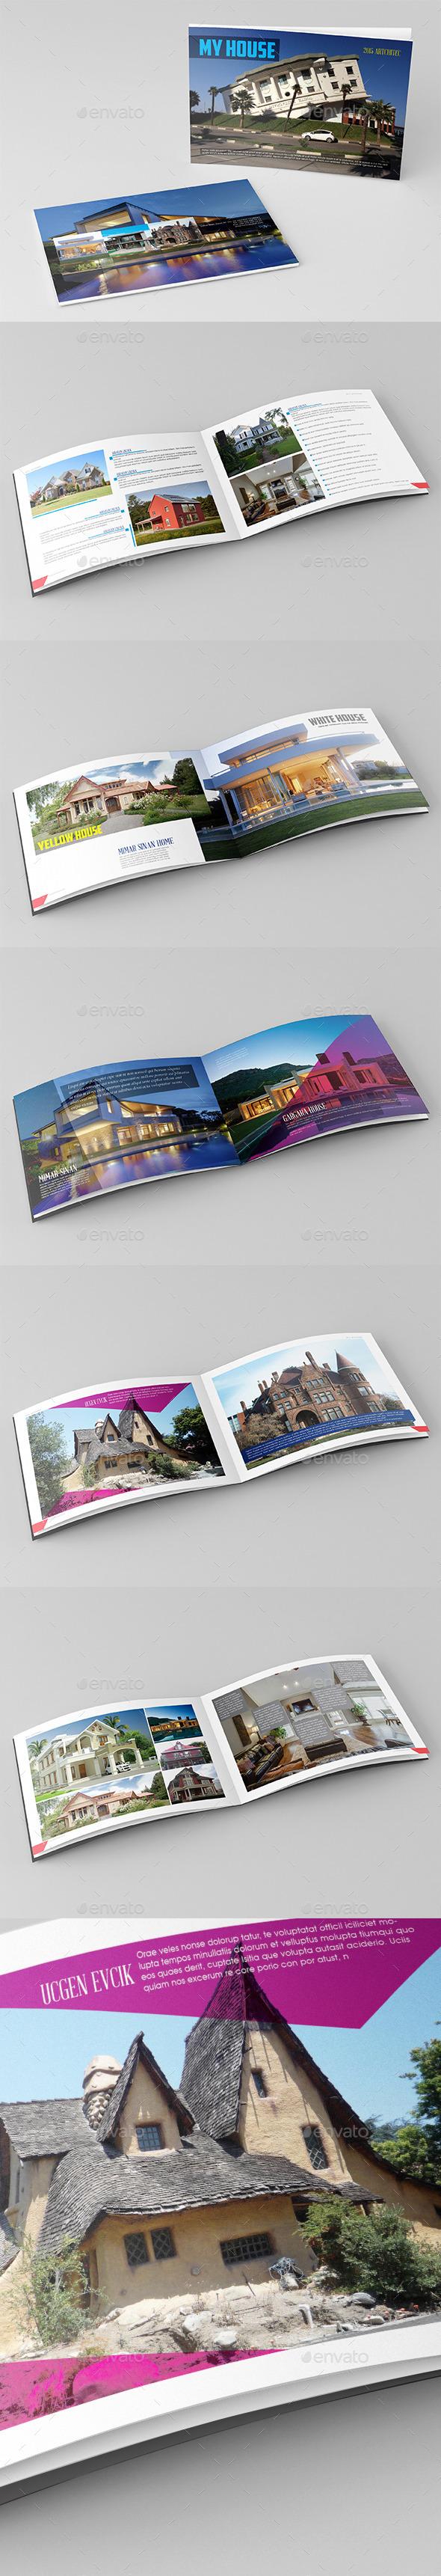 GraphicRiver Home Catalog Template 10826438